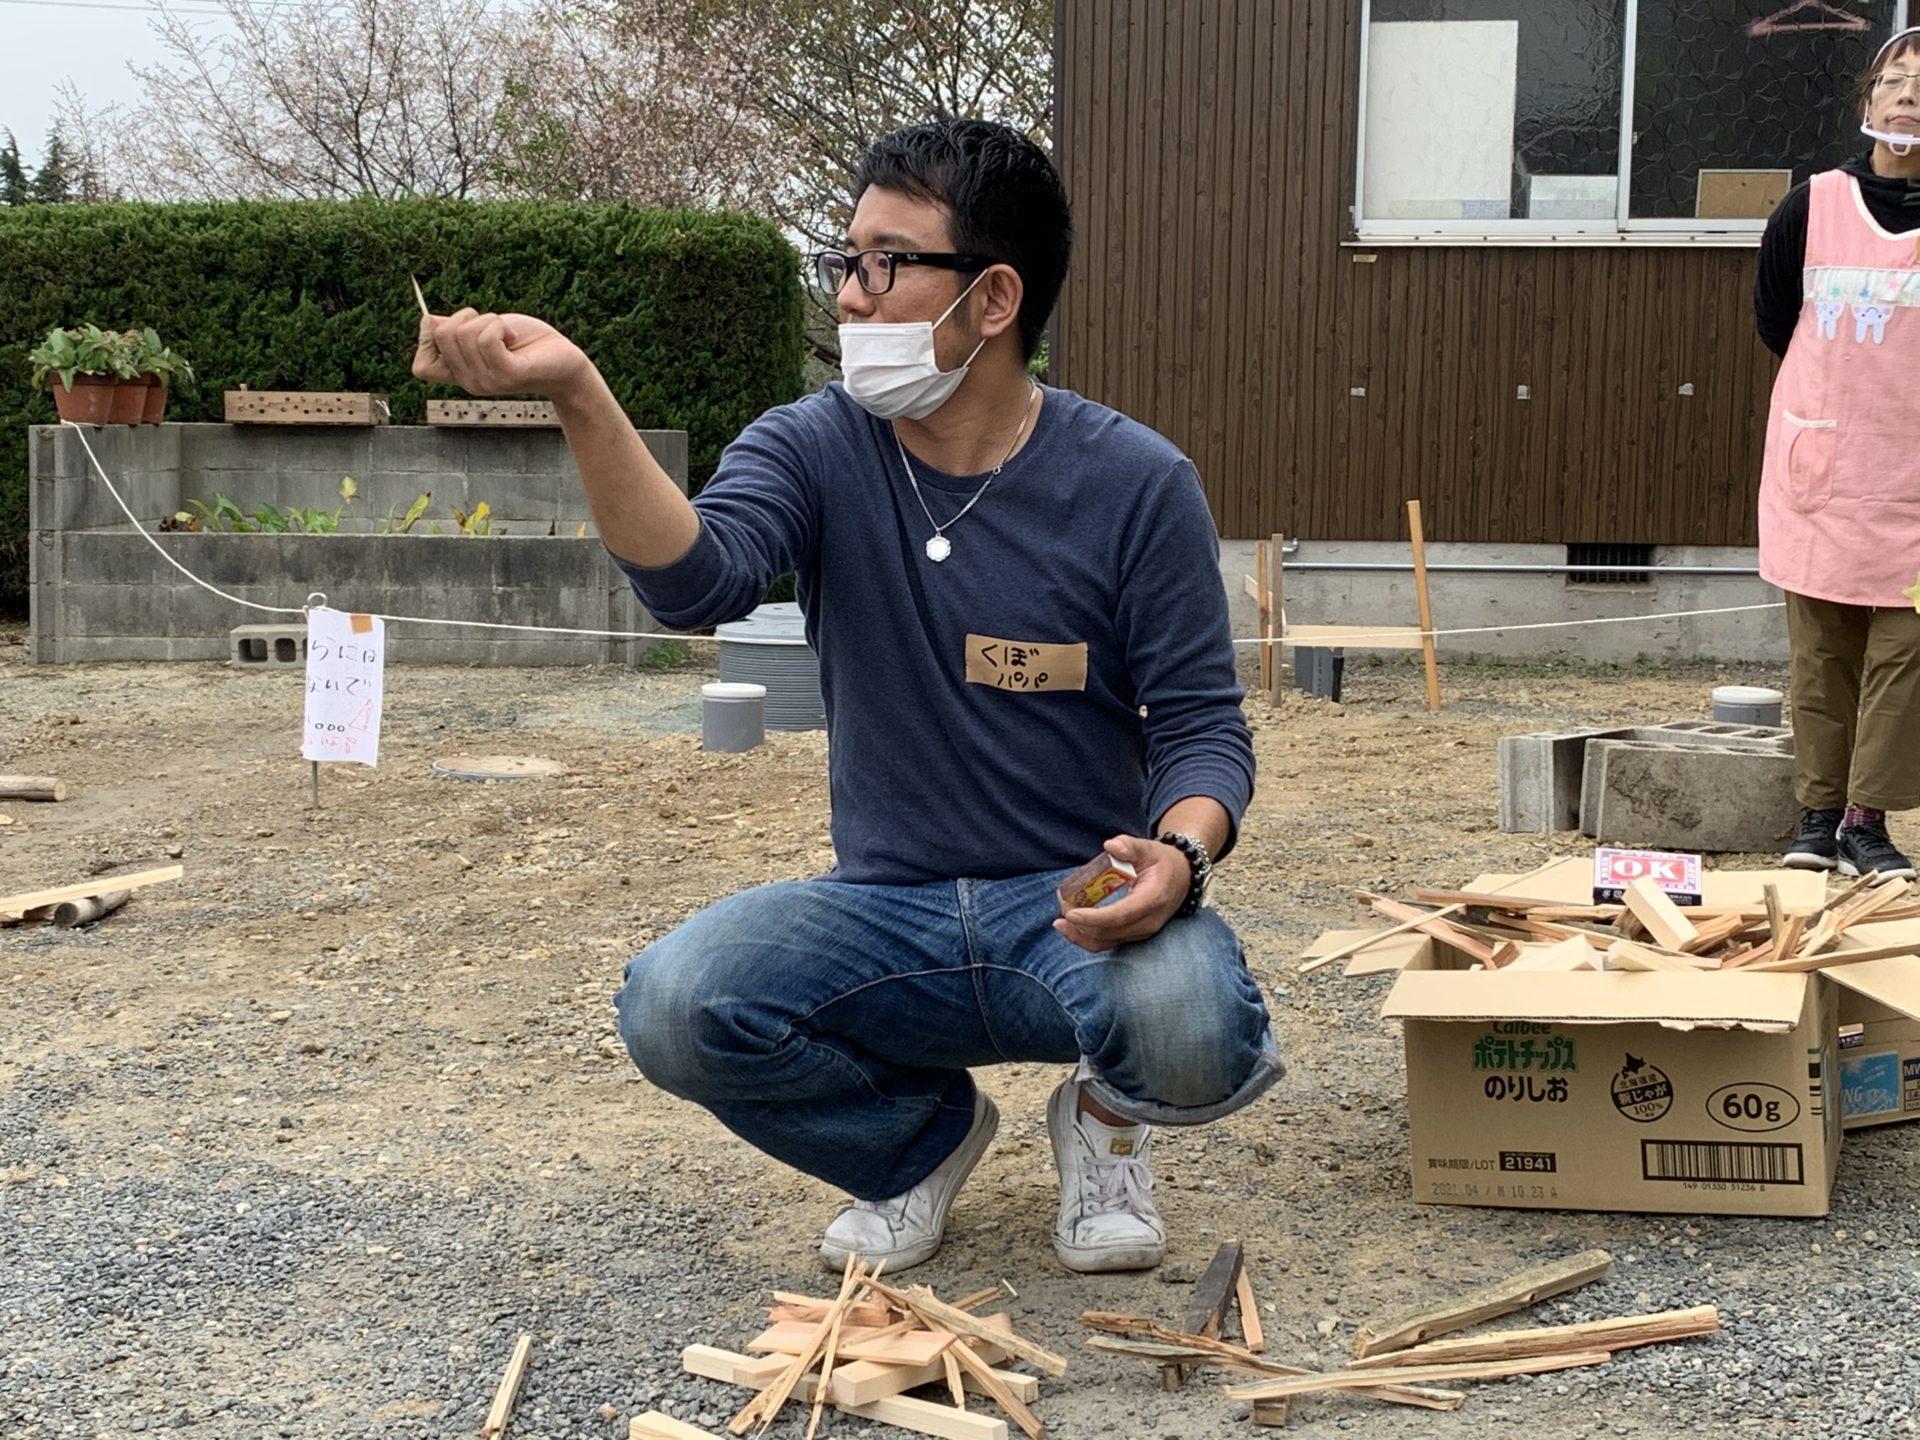 福山市新築・リフォームから子育て支援まで 火おこし体験